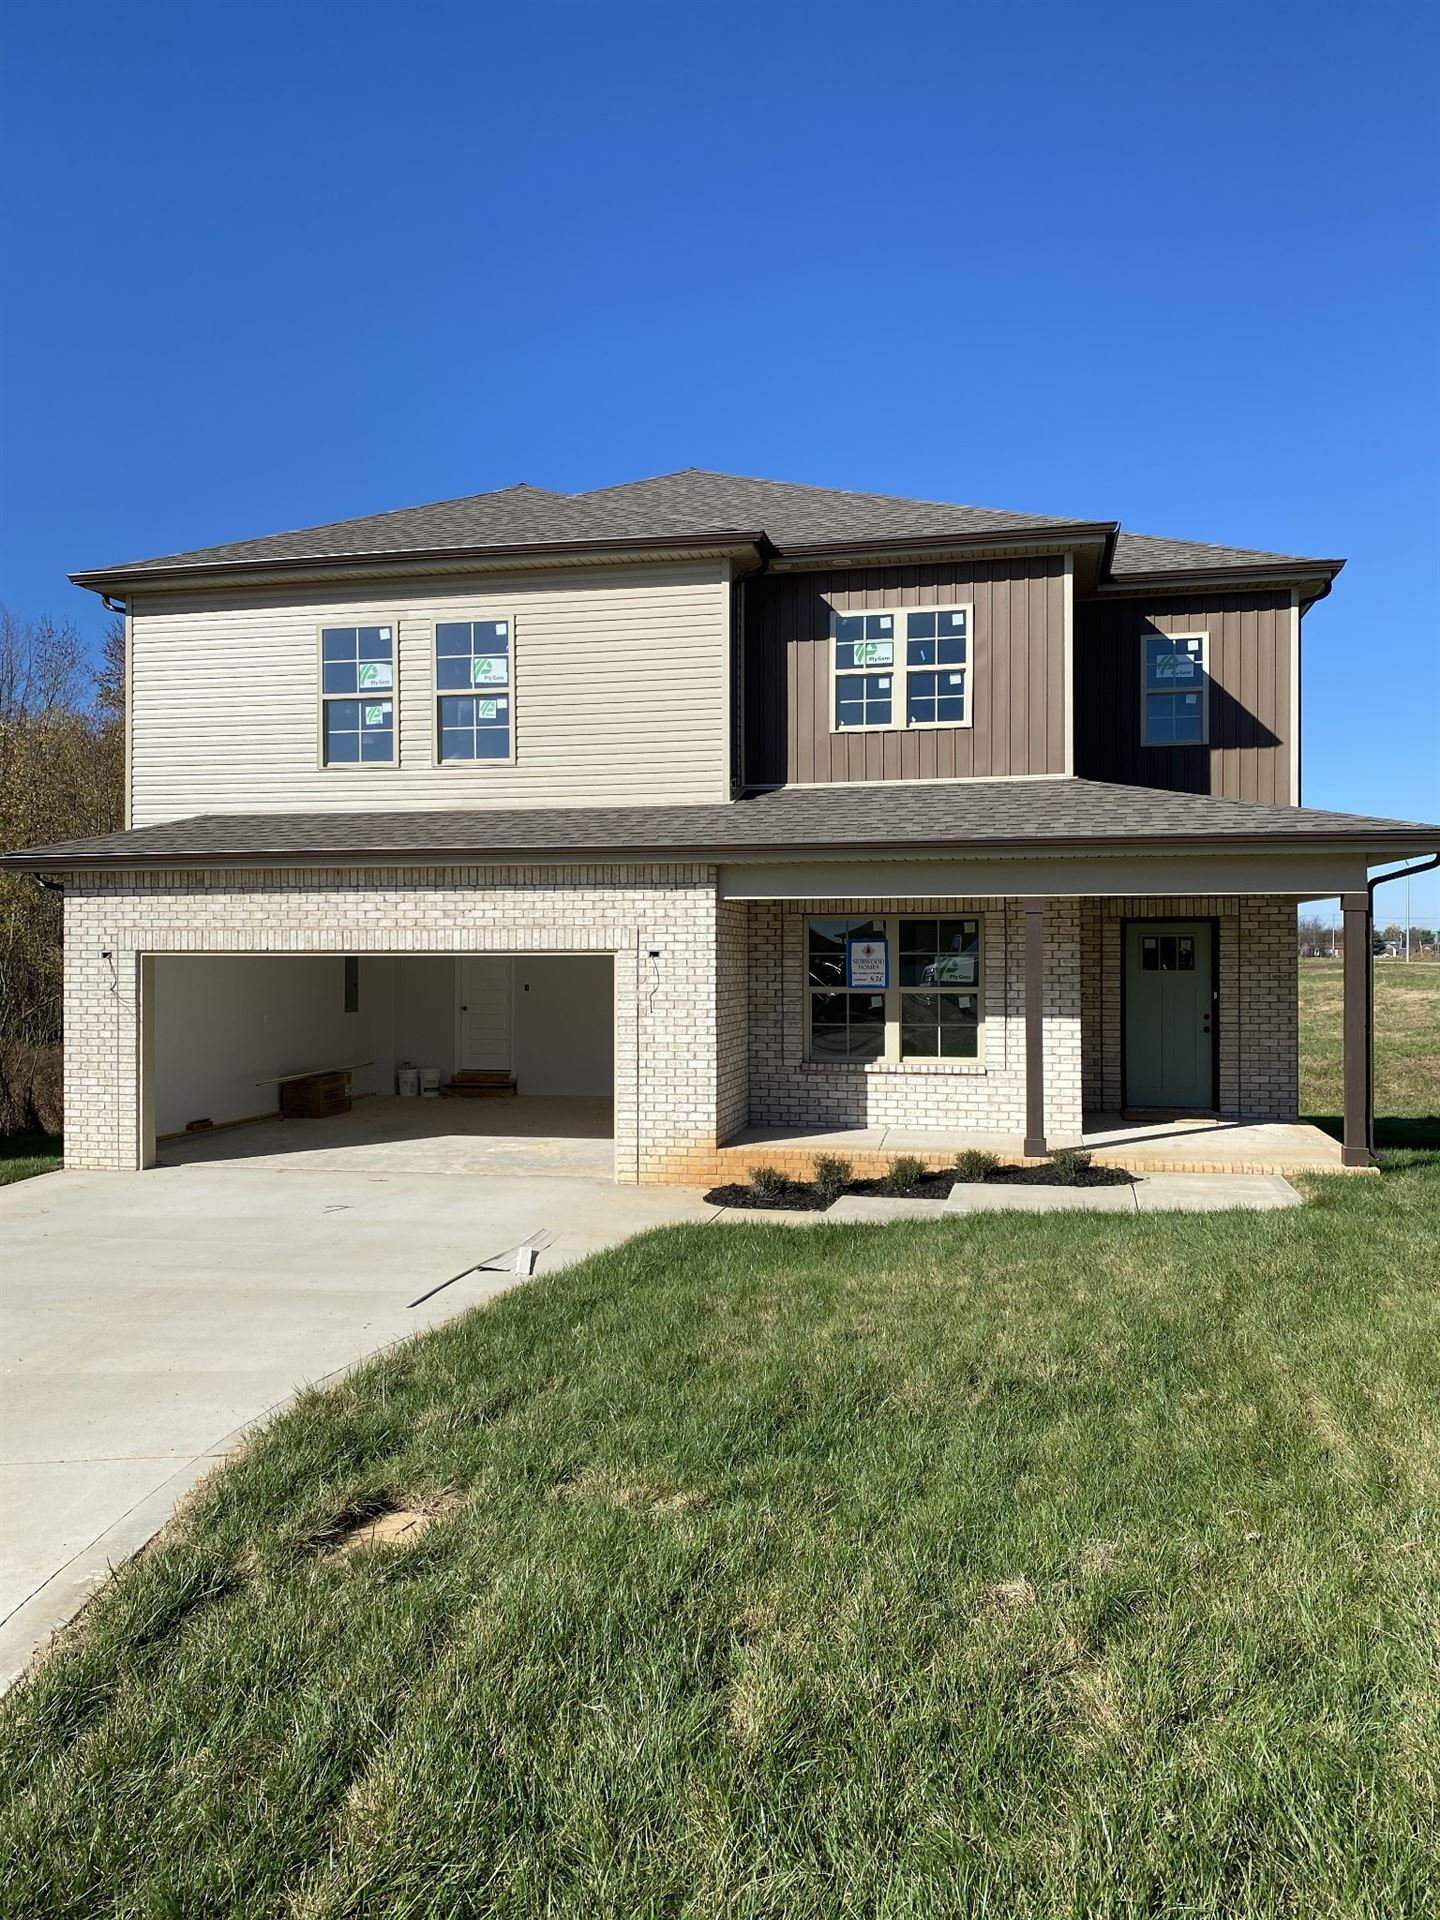 3280 Haymeadow Ln, Clarksville, TN 37040 - MLS#: 2232924